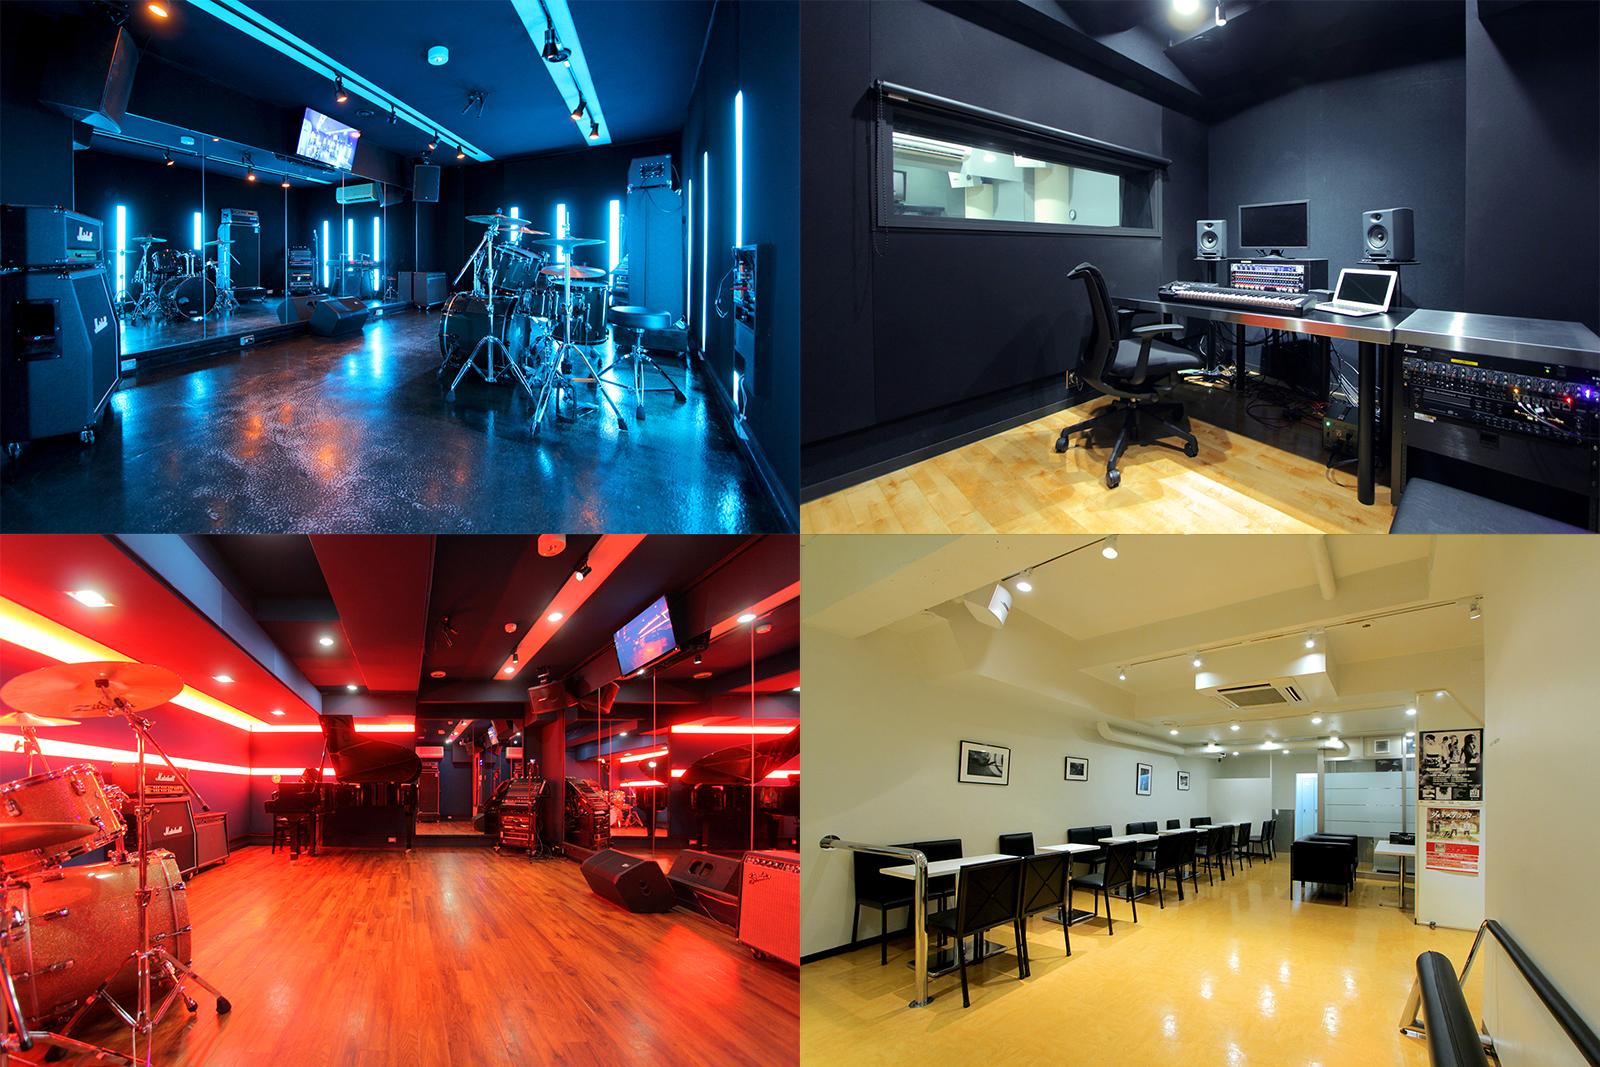 サウンドスタジオノア高田馬場店がリニューアル完了しました!作曲、レコーディング対応スタジオ&ピアノブース&LED照明